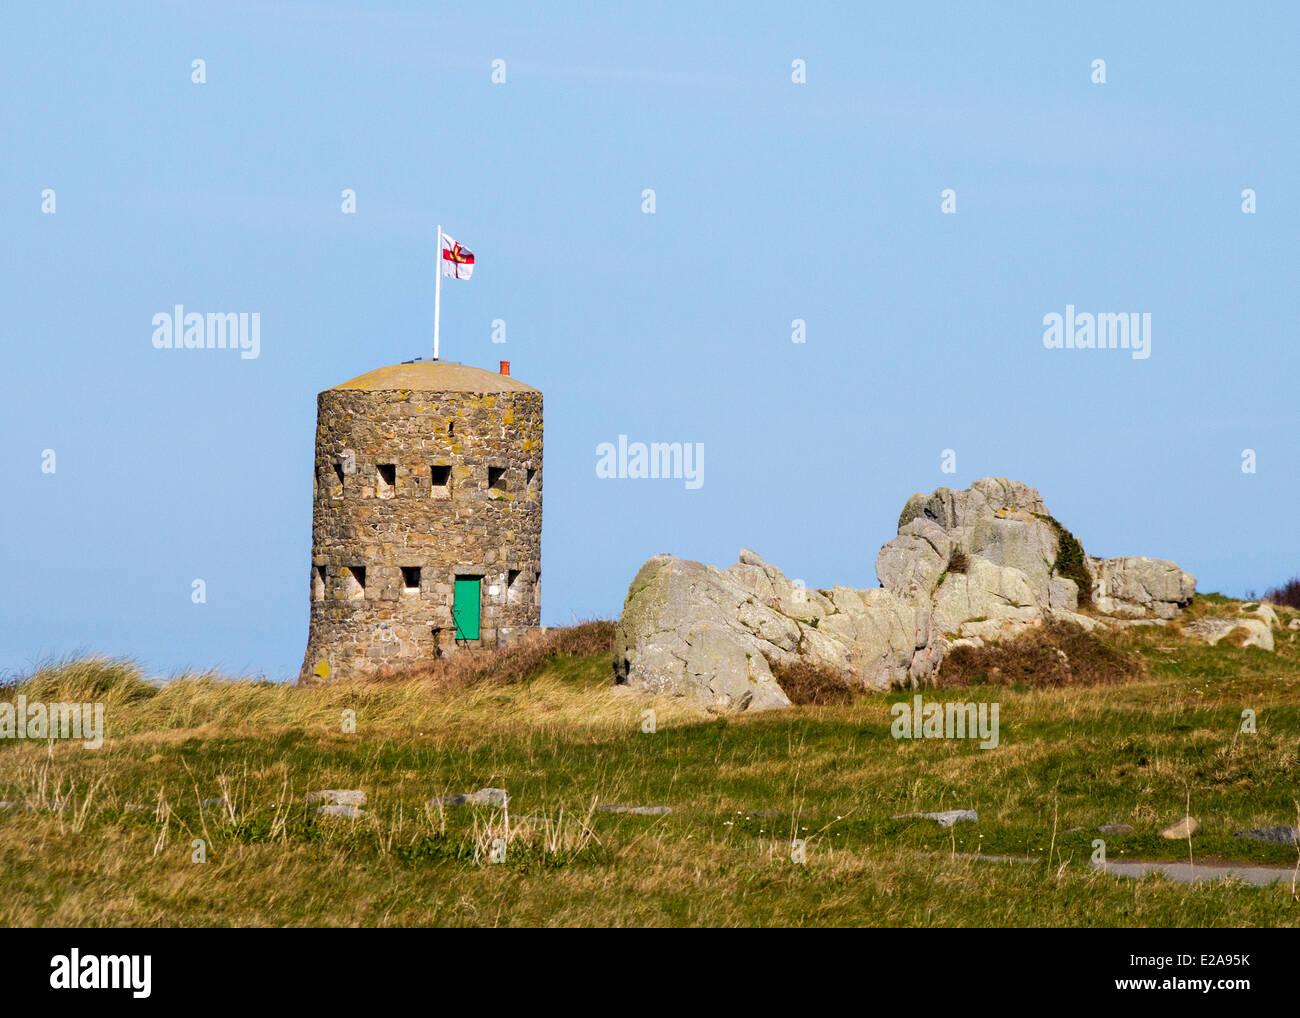 guernsey uk Martello tower loophole island - Stock Image